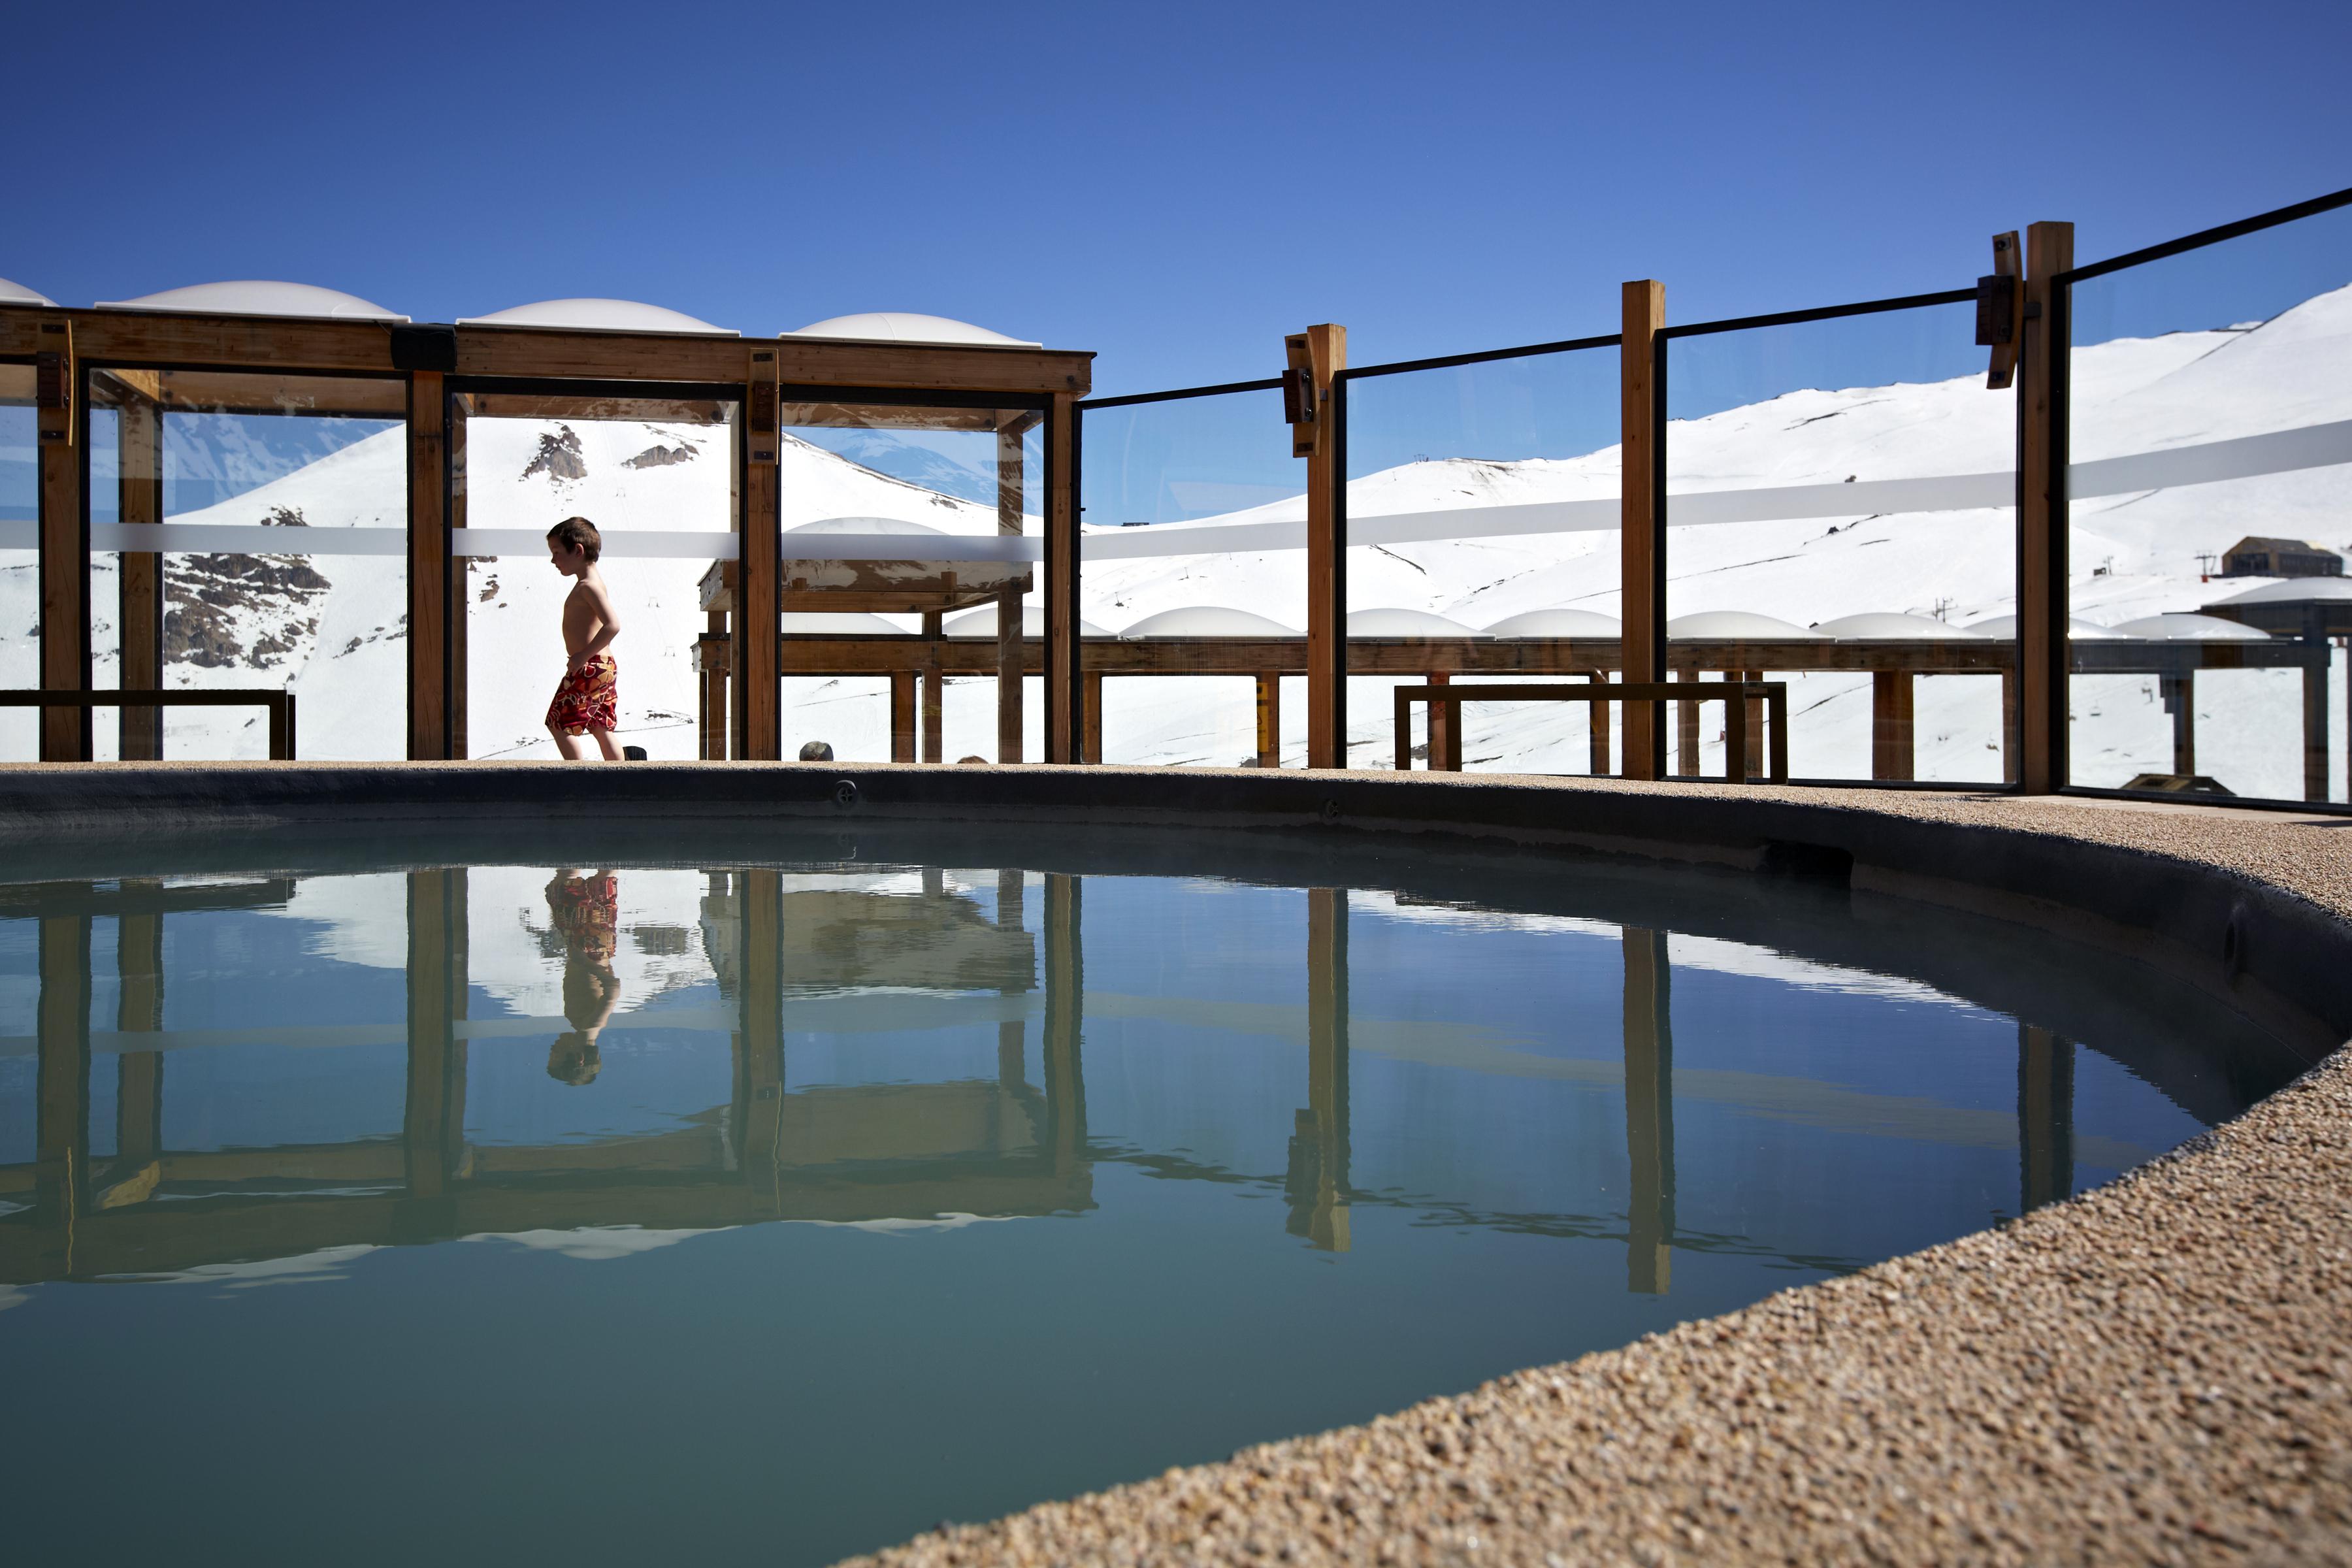 Hotel puerta del sol em centro de esqui valle nevado for Centro oftalmologico puerta del sol